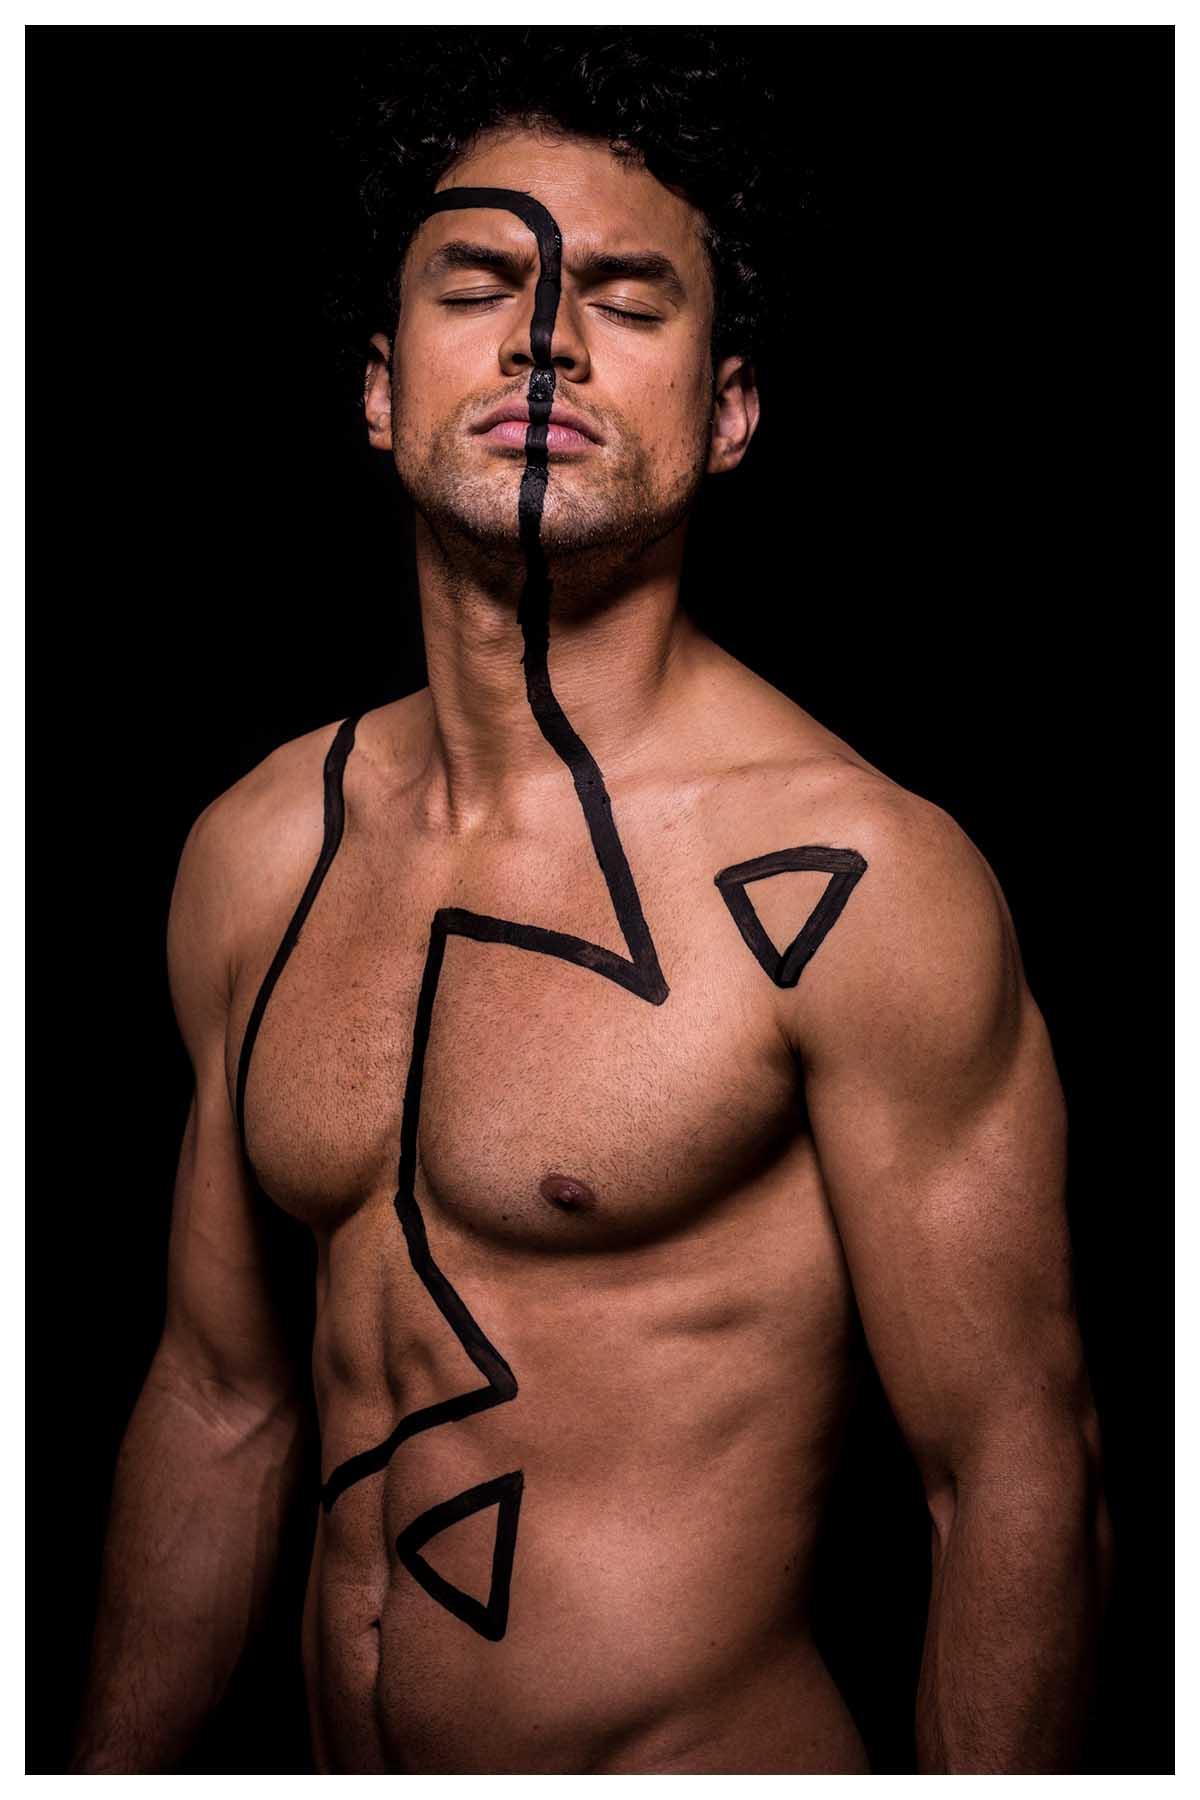 Vitor Gadelha by Danilo Friedl for Brazilian Male Model